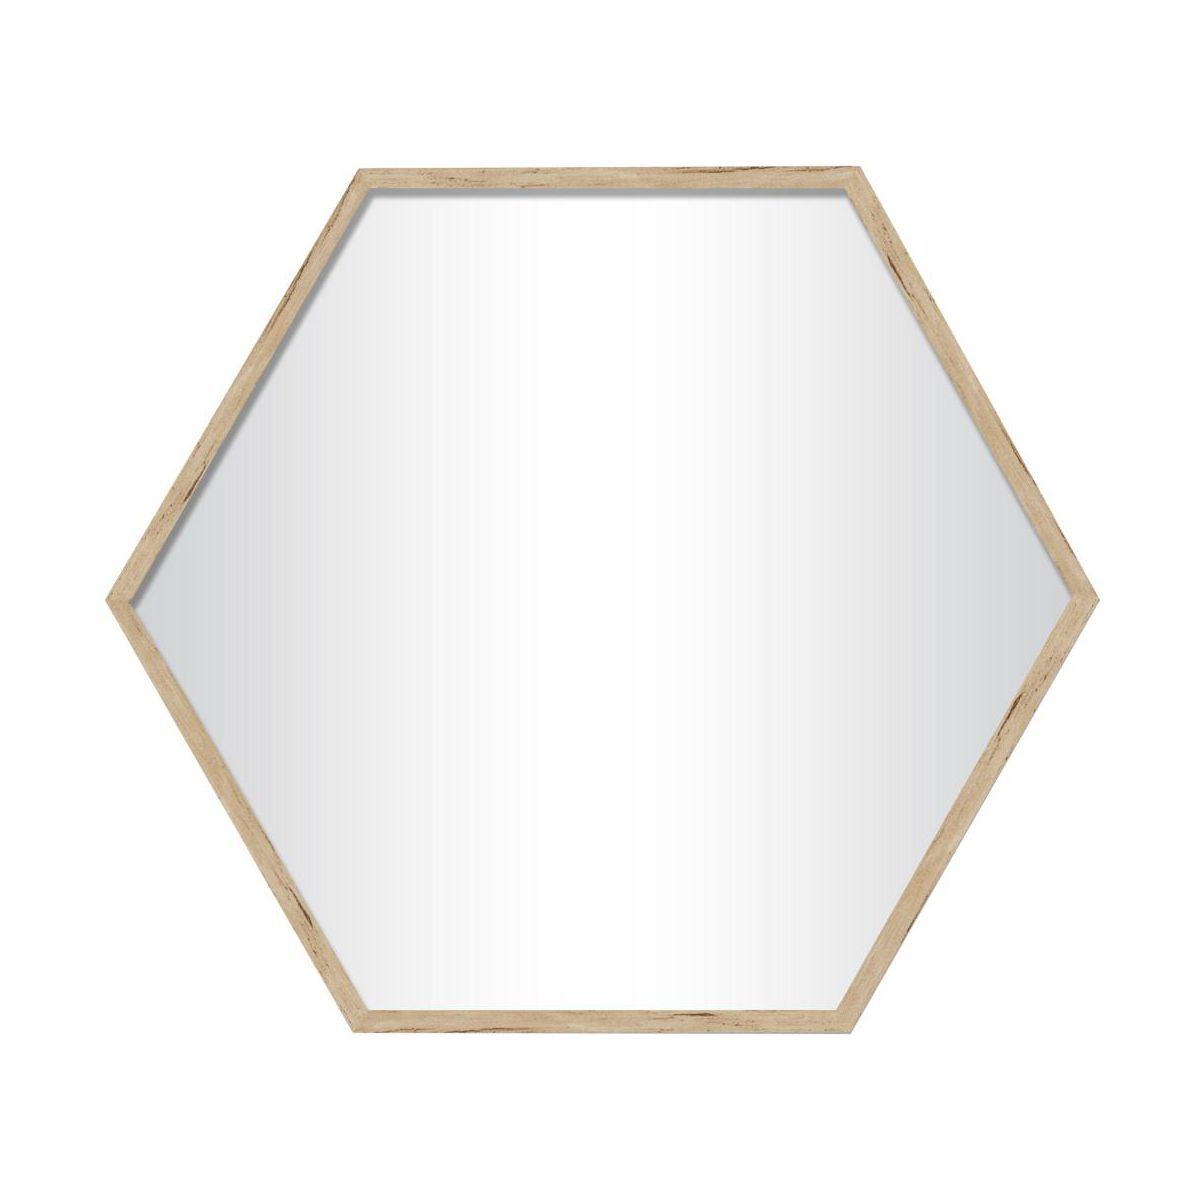 Lustro Heksagon Brzoza 37 X 38 5 Cm Lustra Dekoracyjne W Atrakcyjnej Cenie W Sklepach Leroy Merlin Home Decor Mirror Decor